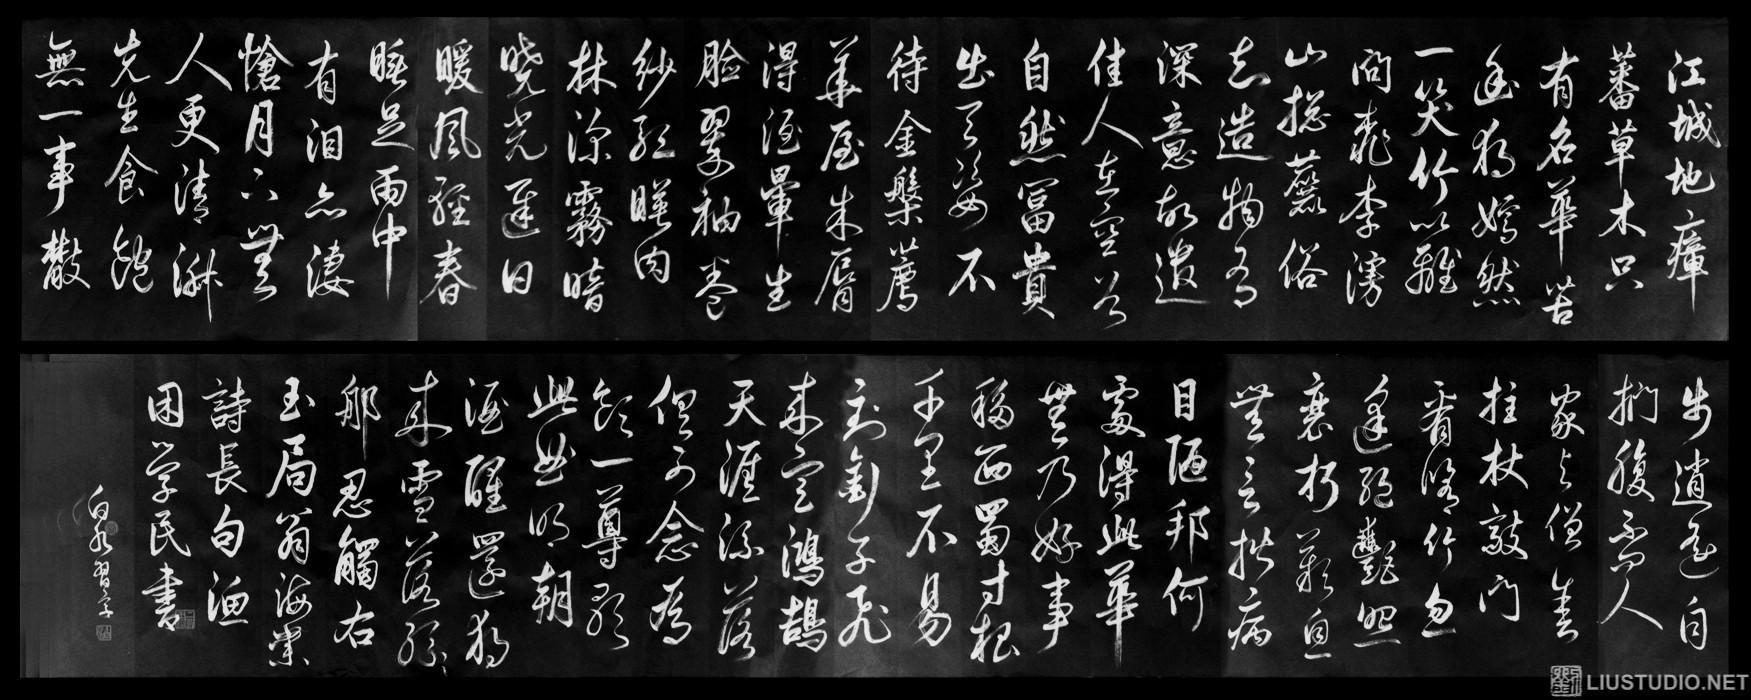 临鲜于枢《苏轼海棠诗》